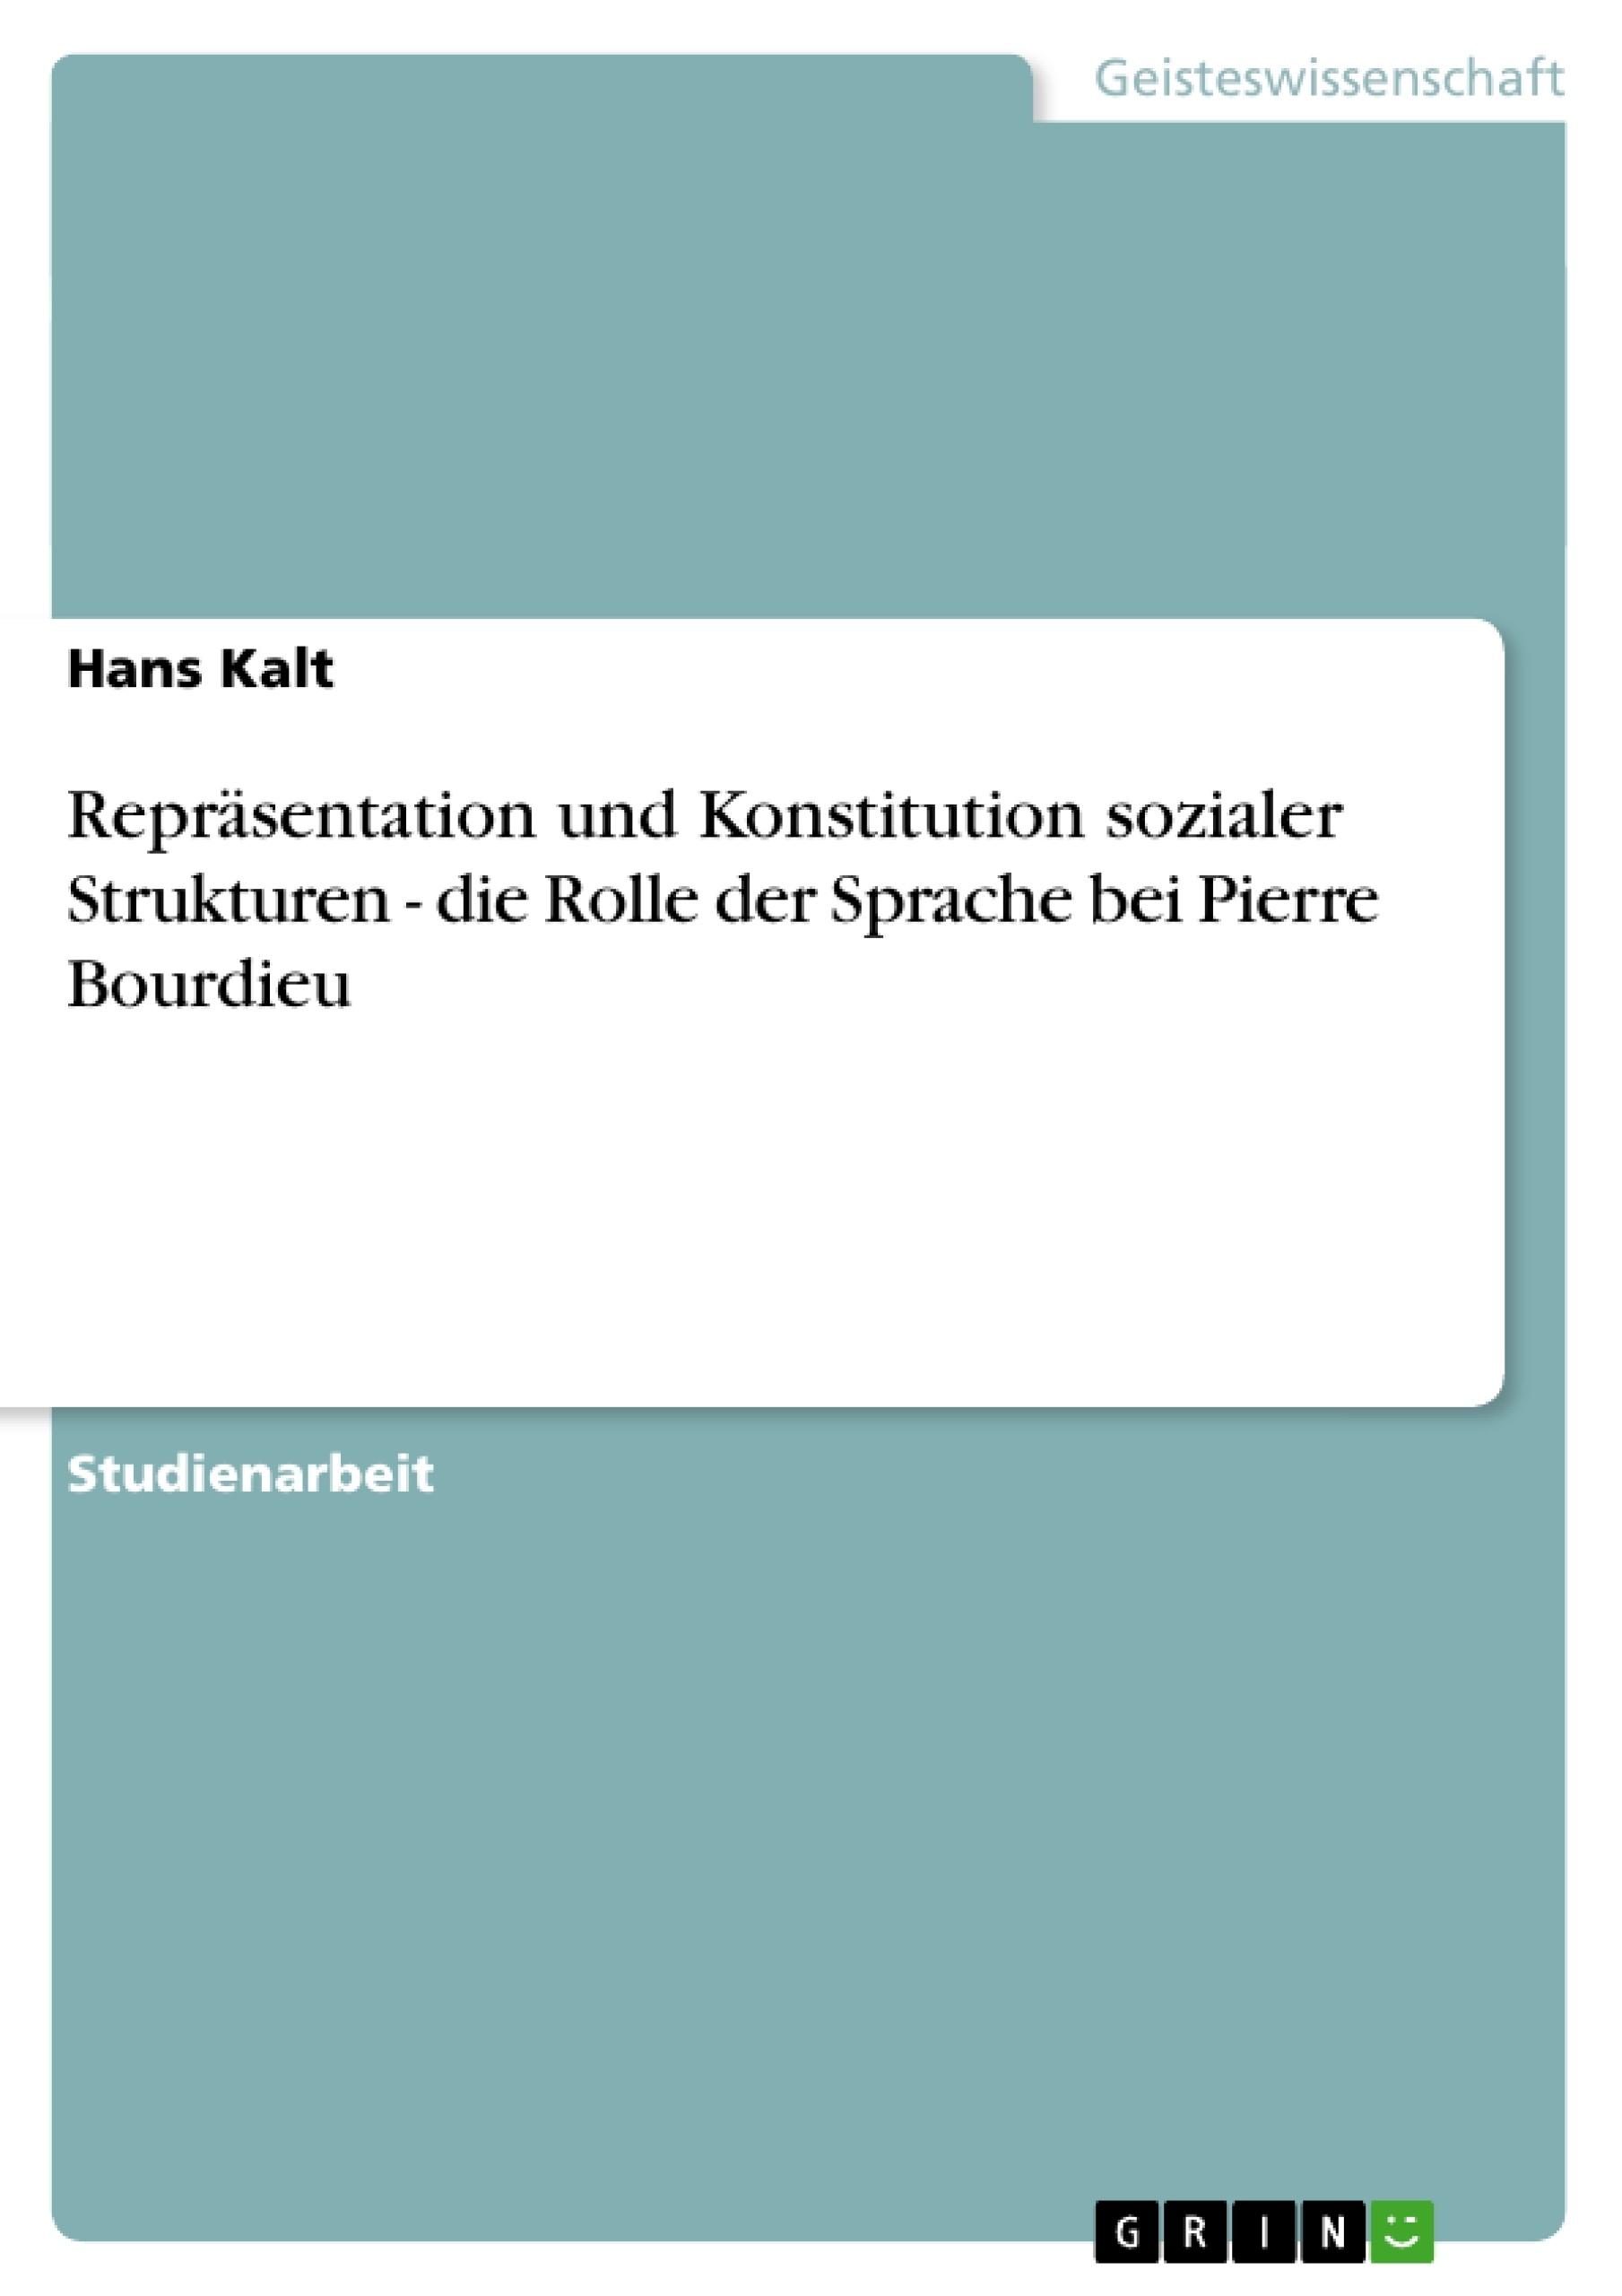 Titel: Repräsentation und Konstitution sozialer Strukturen - die Rolle der Sprache bei Pierre Bourdieu